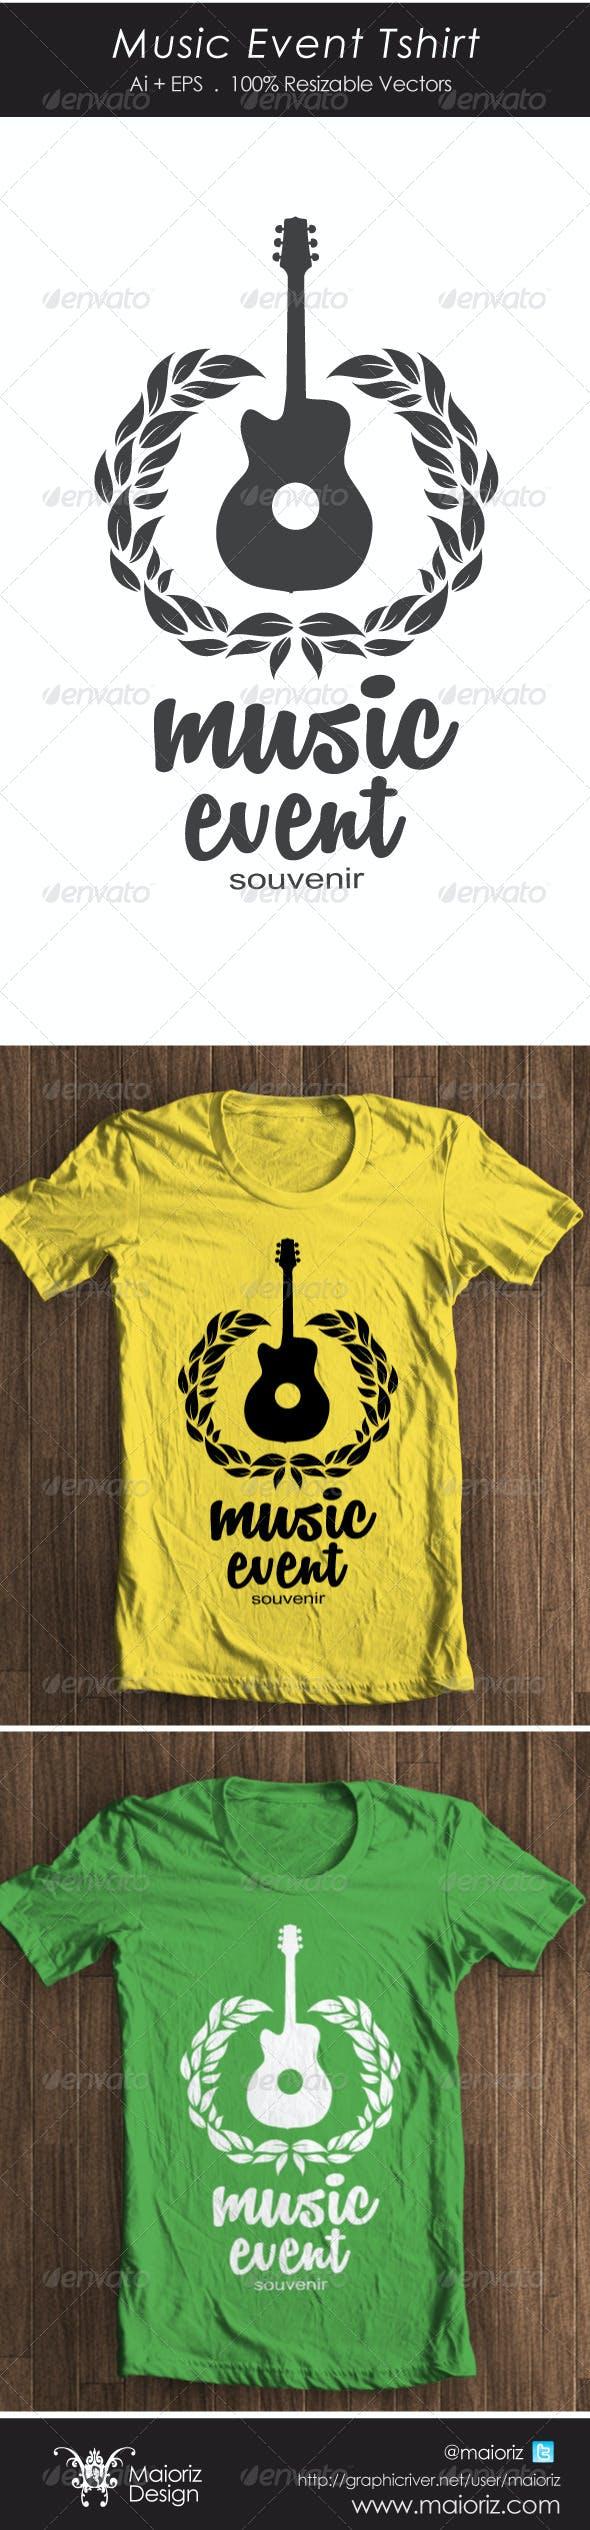 Music Event Tshirt